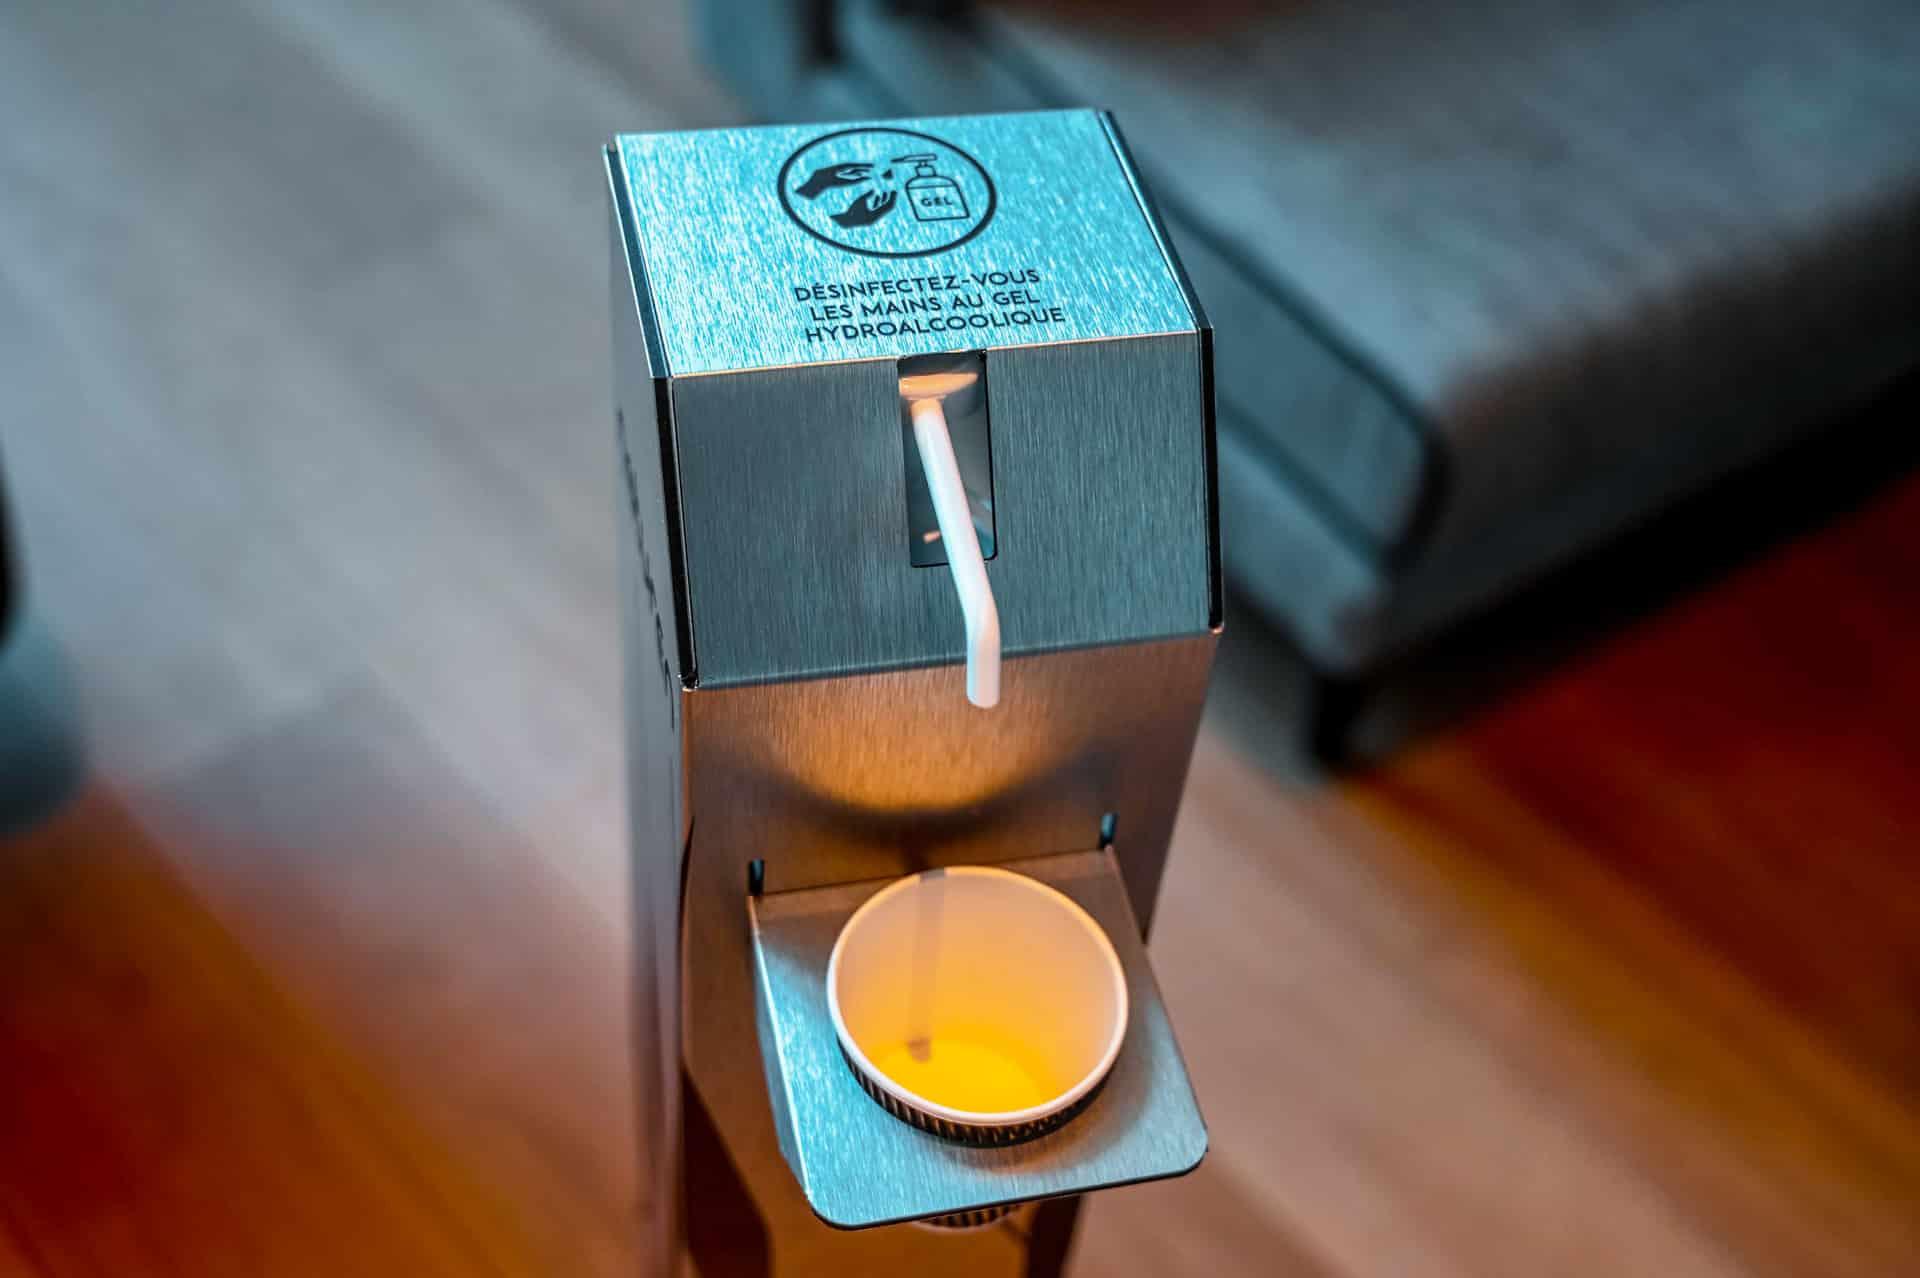 distributeur de gel hydro alcoolique design